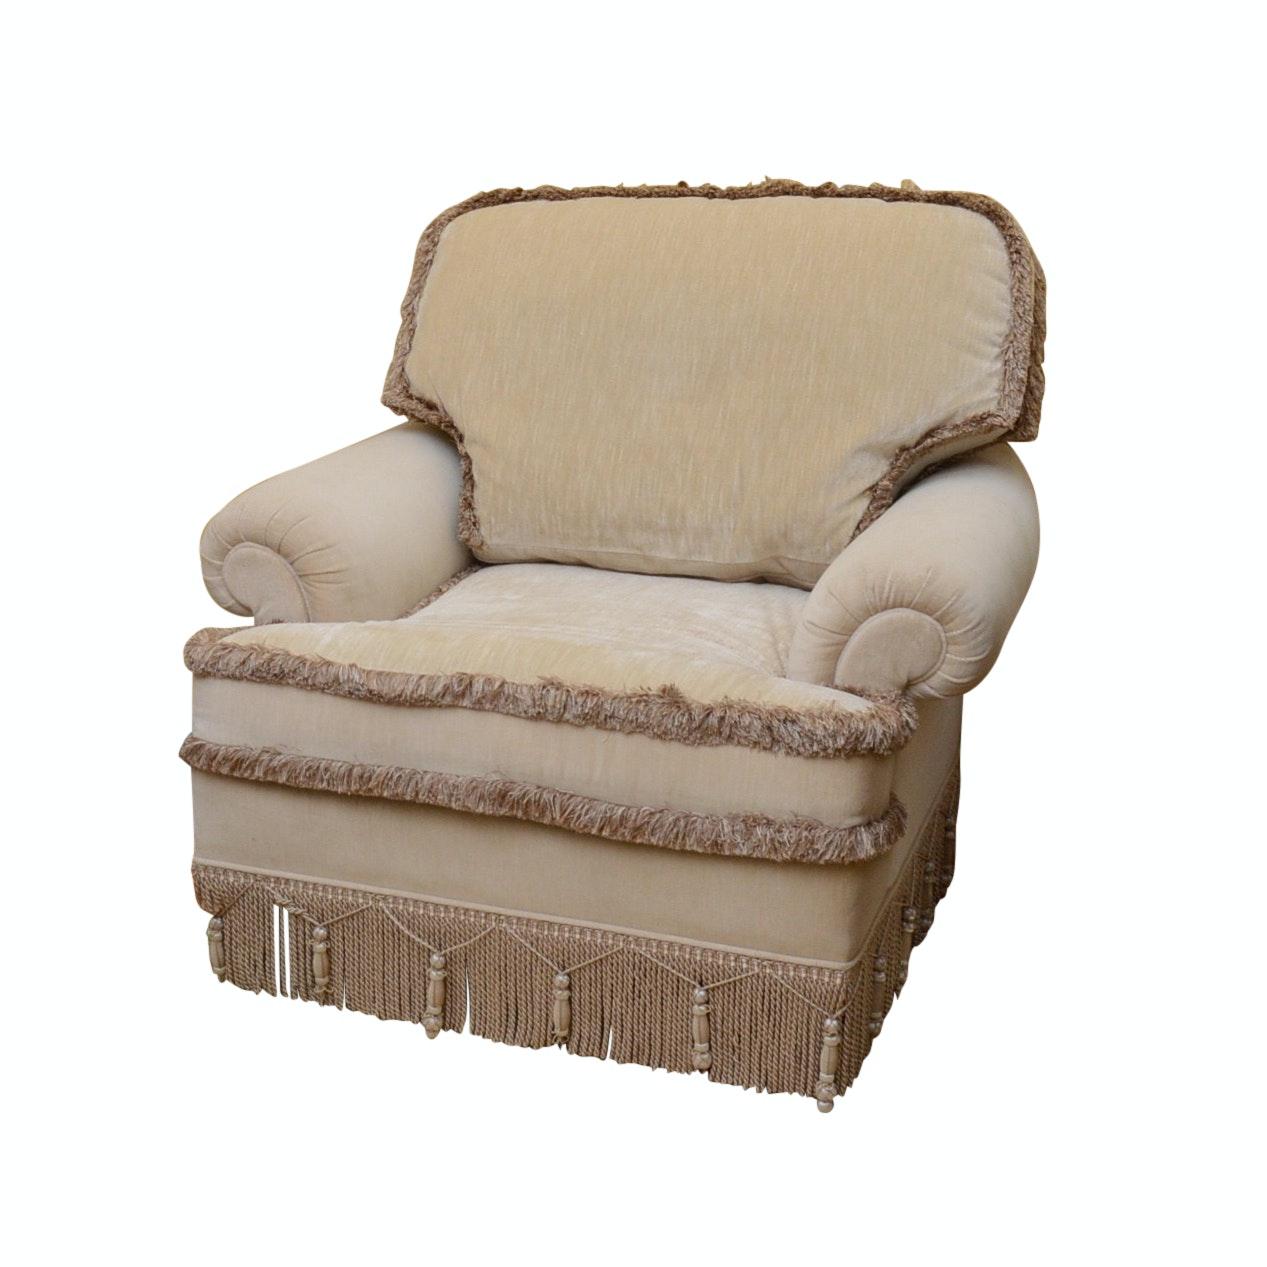 Custom Upholstered Stroheim & Romann Velvet Occasional Chair